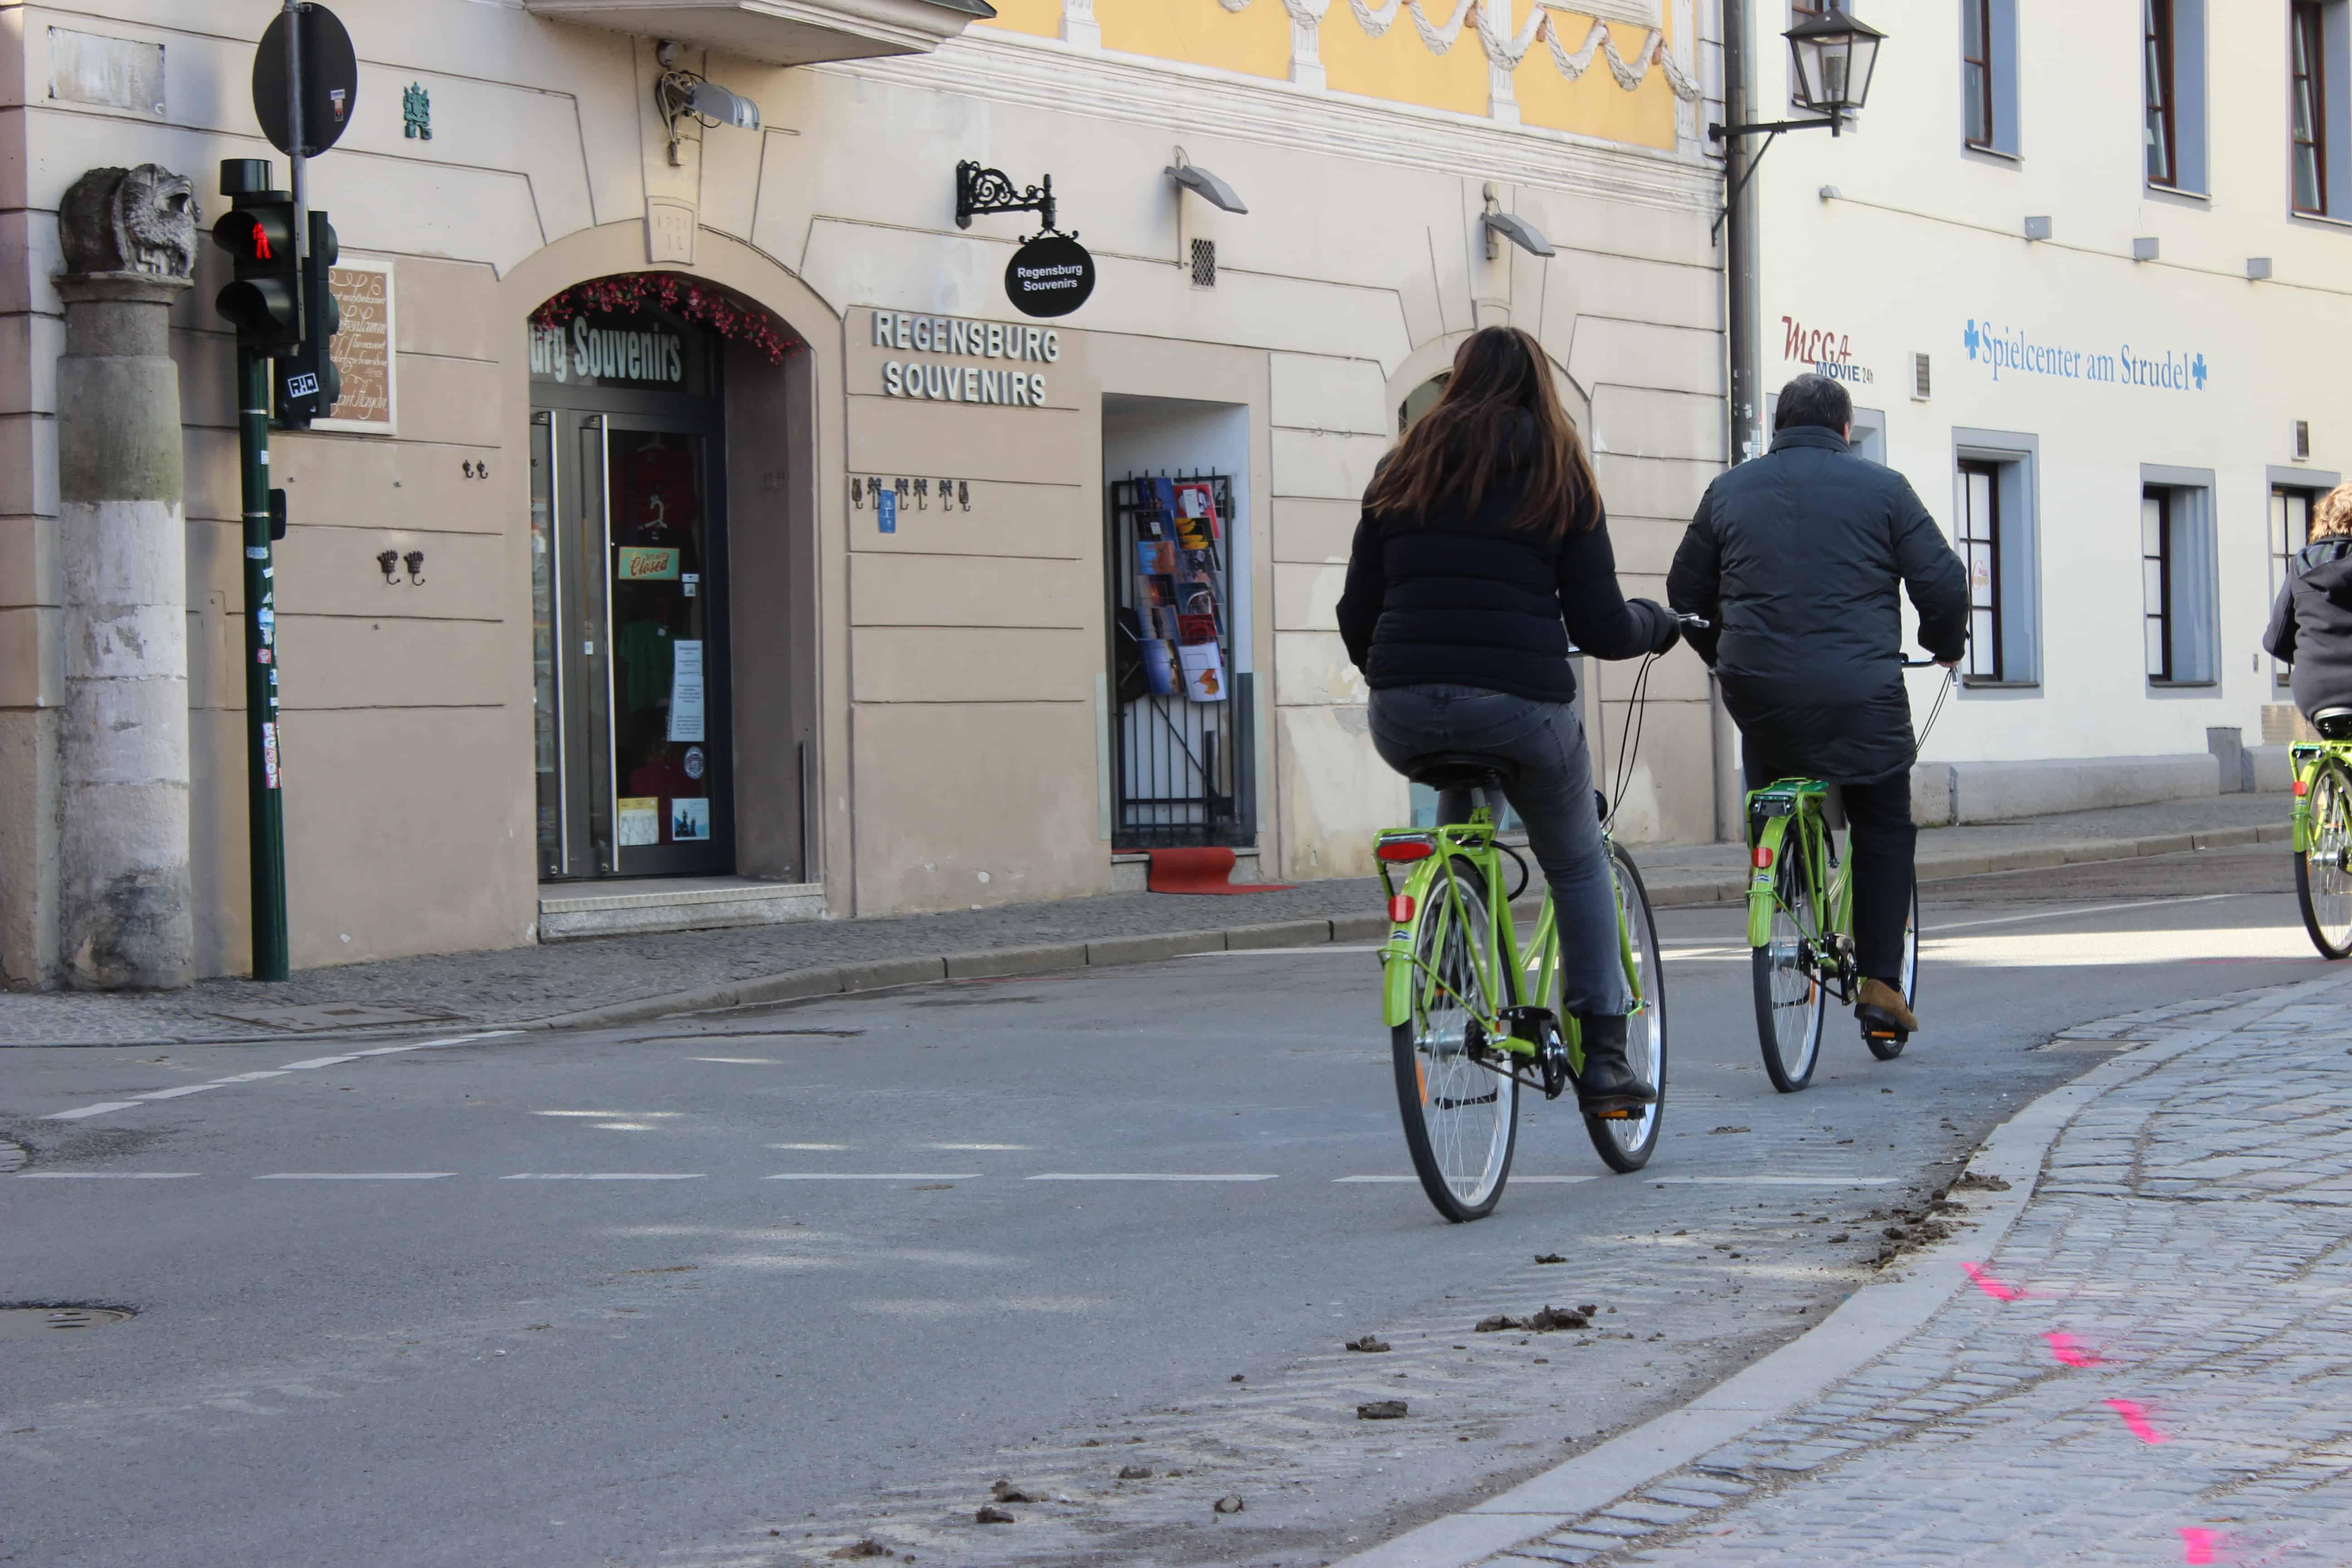 Ist die Stadt Regensburg fahrradfreundlich?